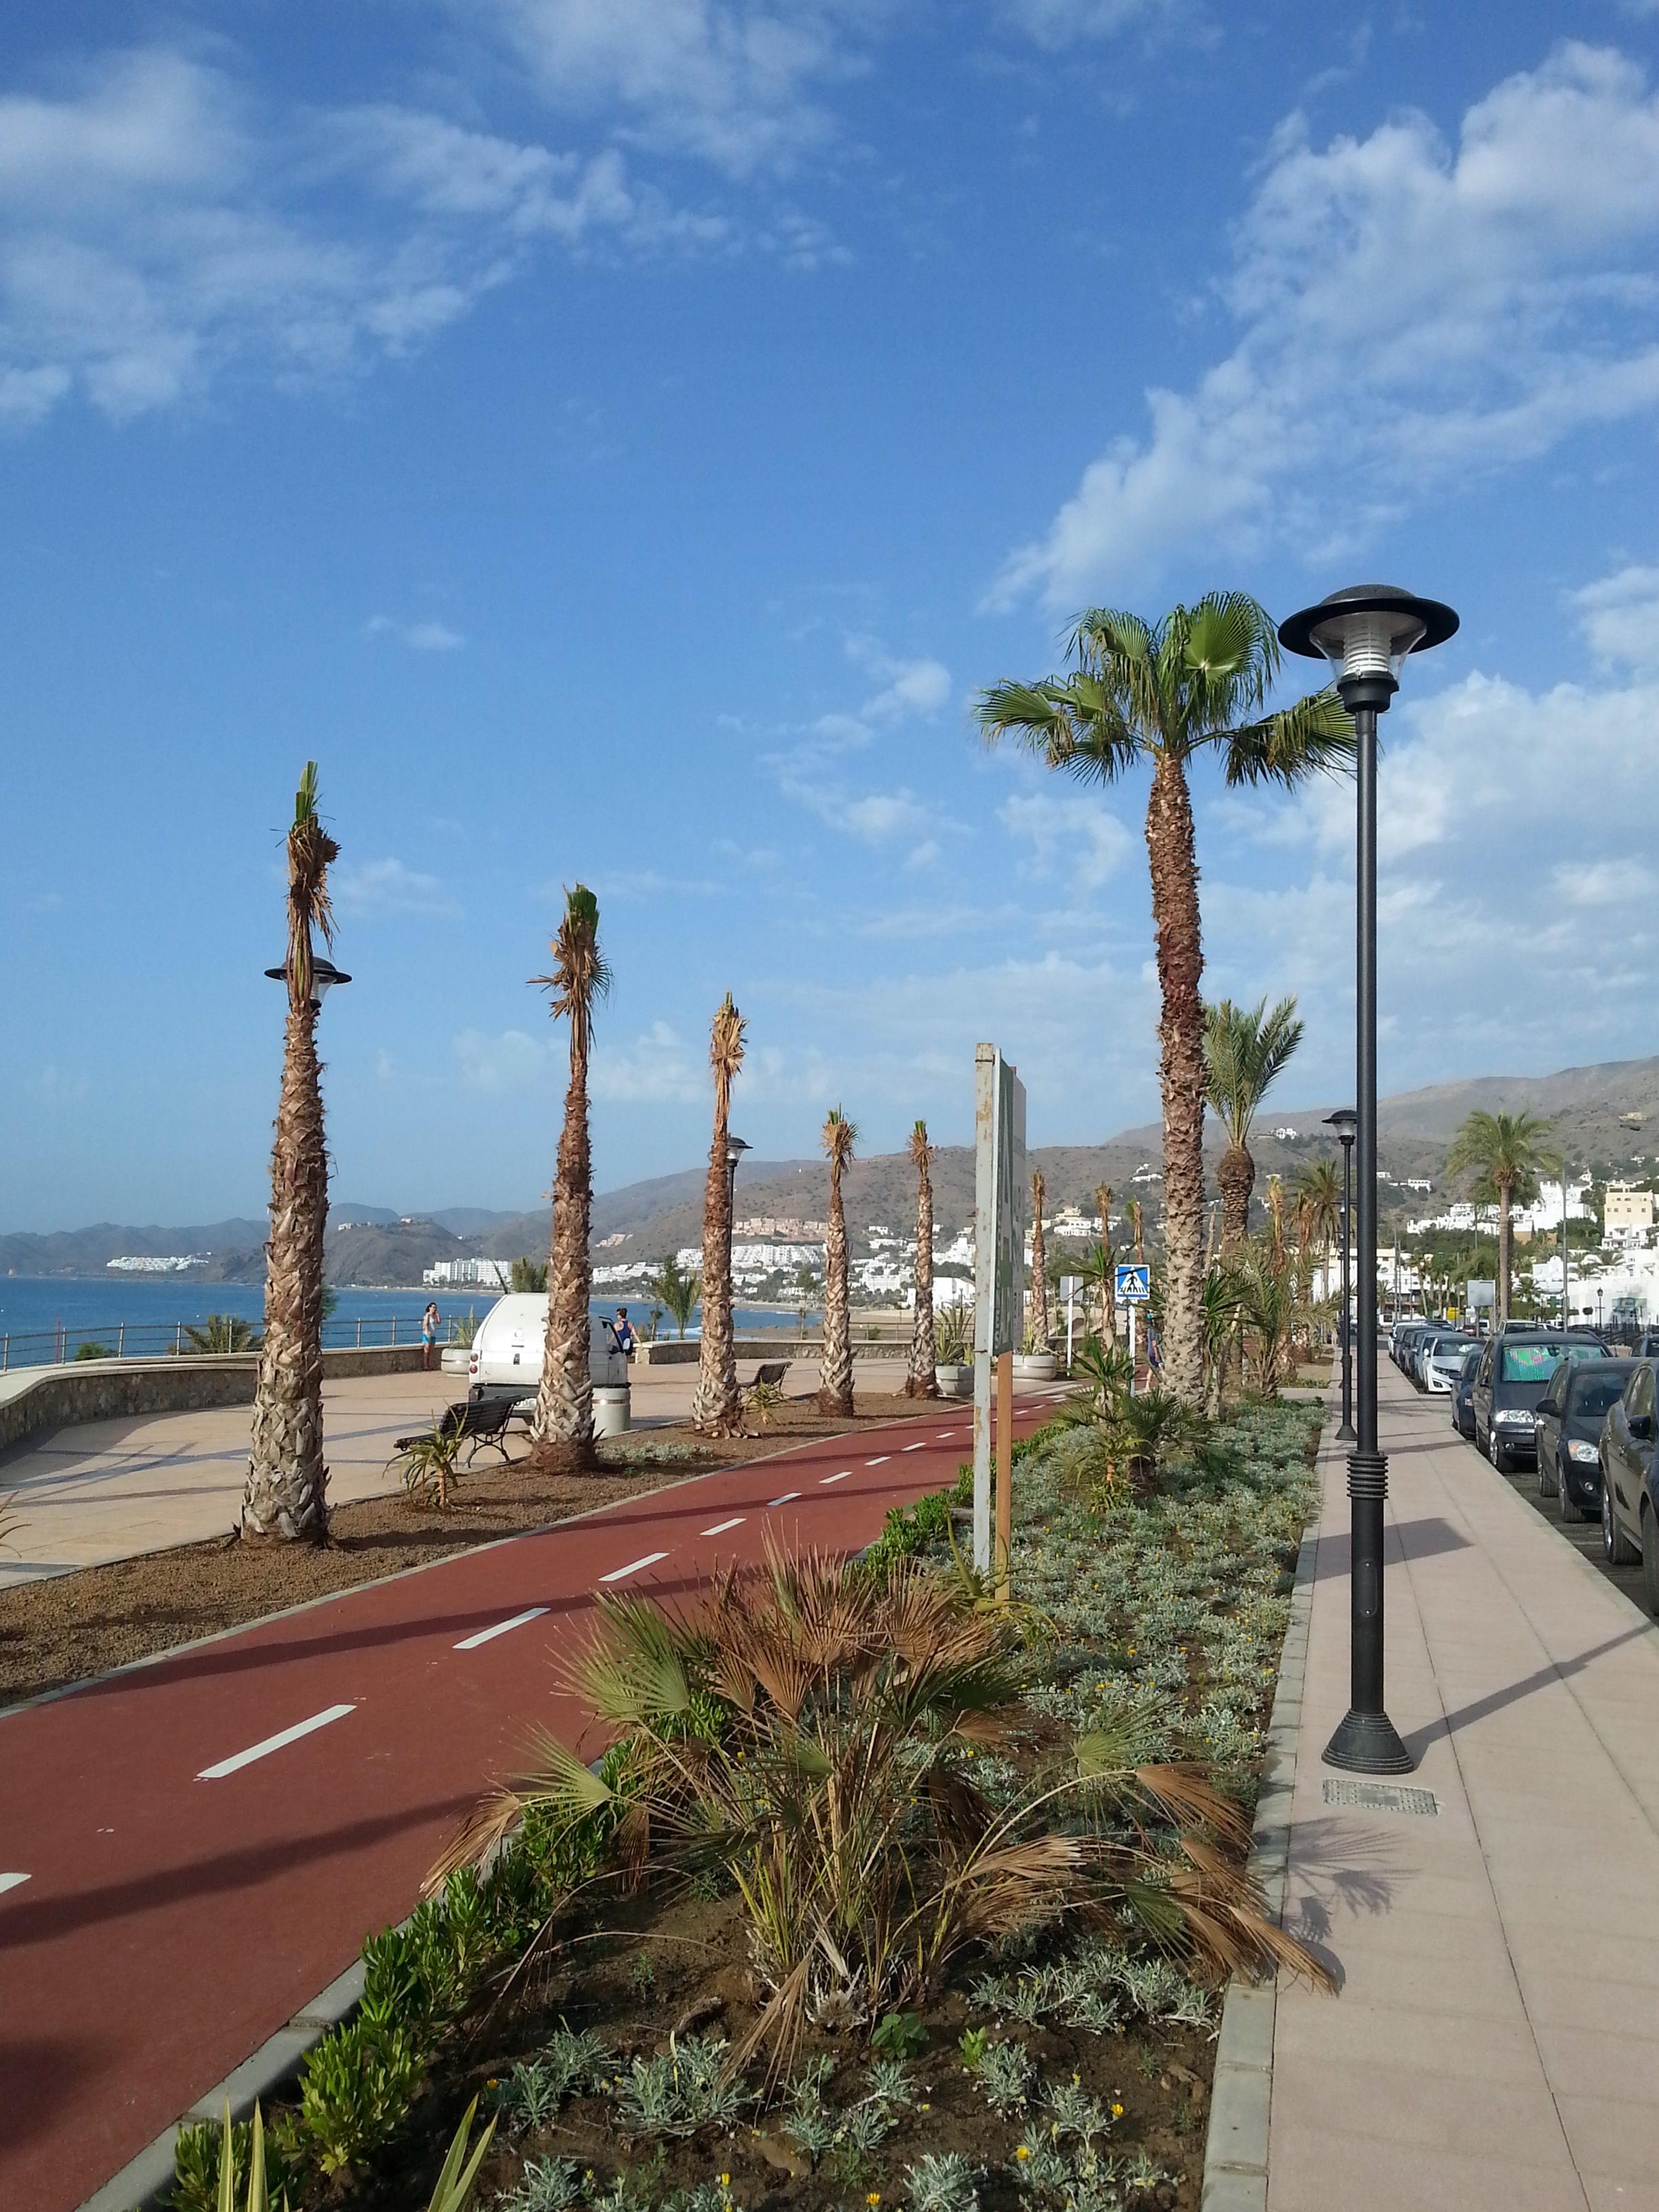 Mojácar Playa Źródło: zbiór własny autora